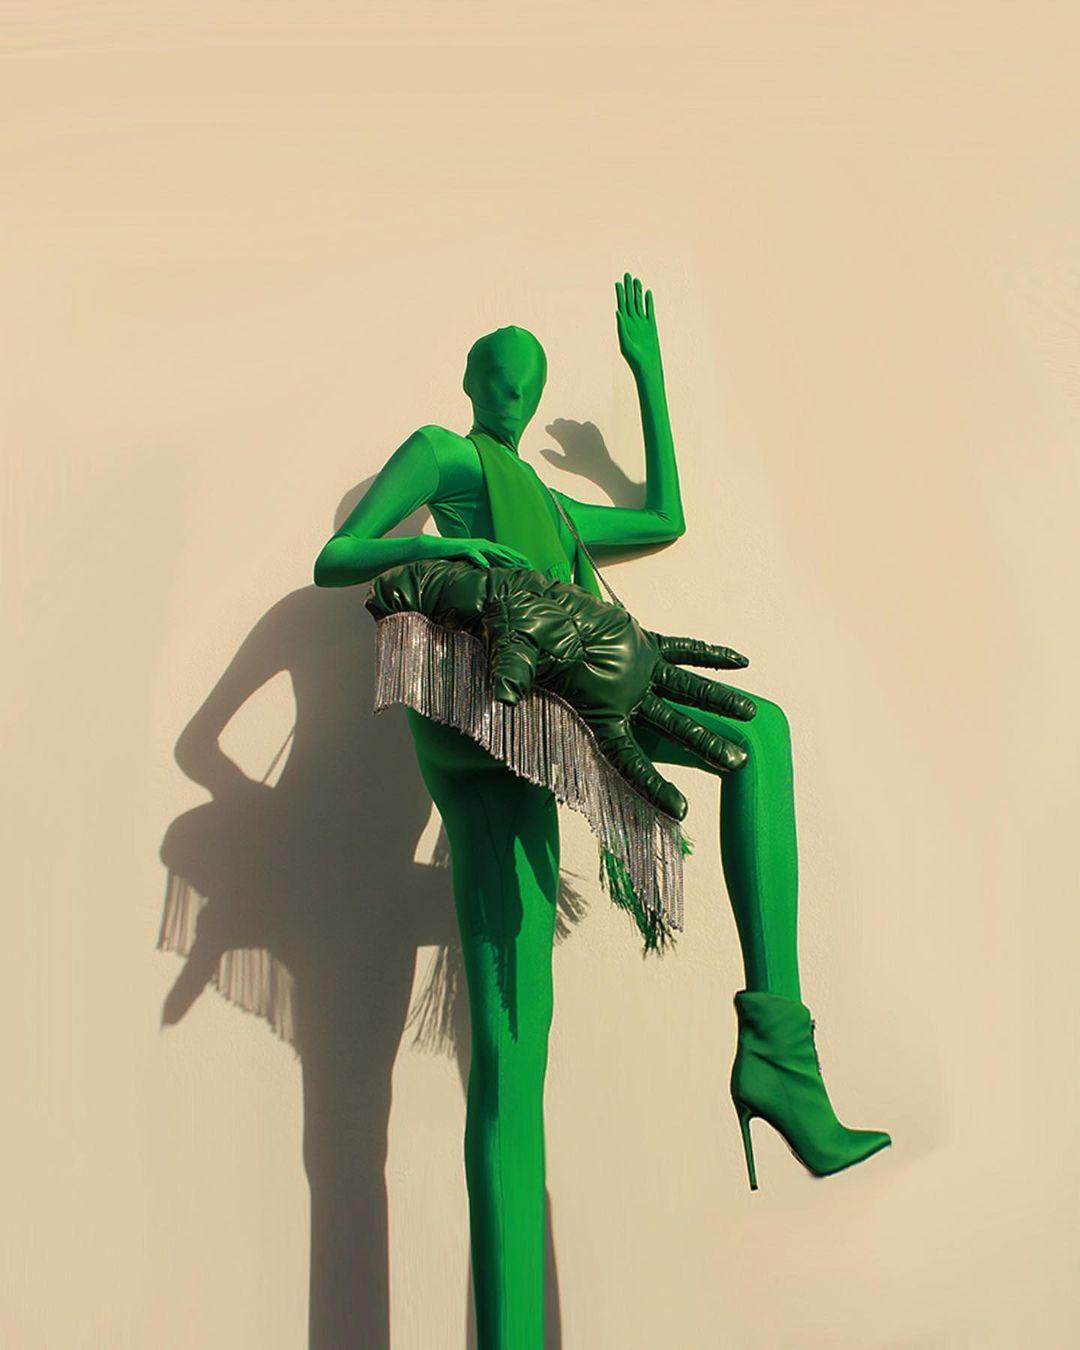 Conoce a David James Bell, un diseñador británico que reimagina las prendas clásicas con un toque oversized